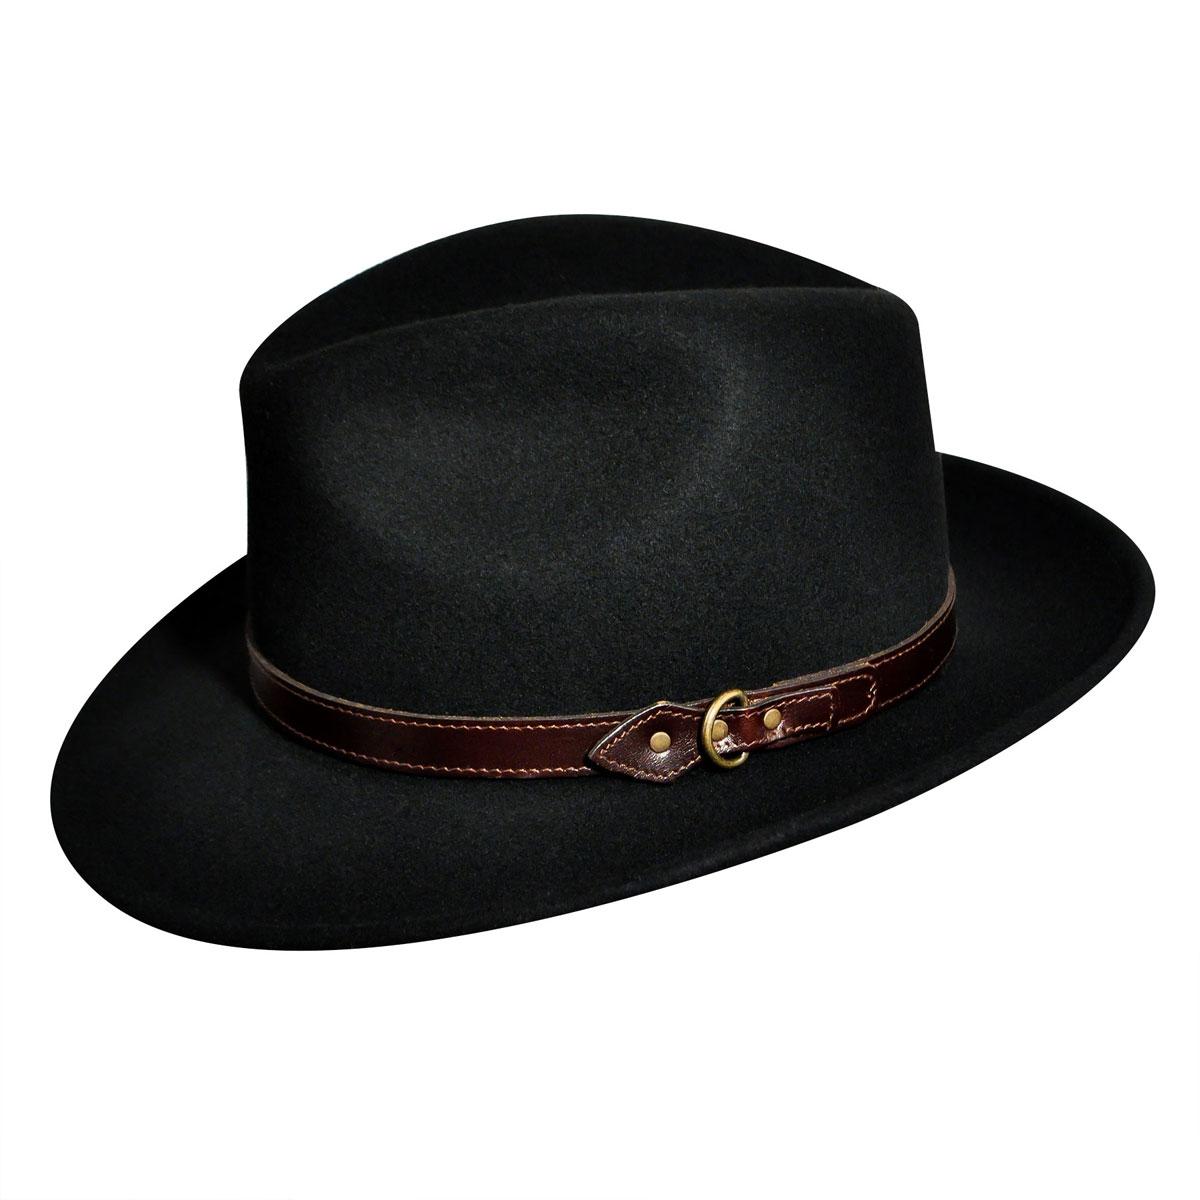 Country Gentleman Dunmore GentleFelt Fedora in Black